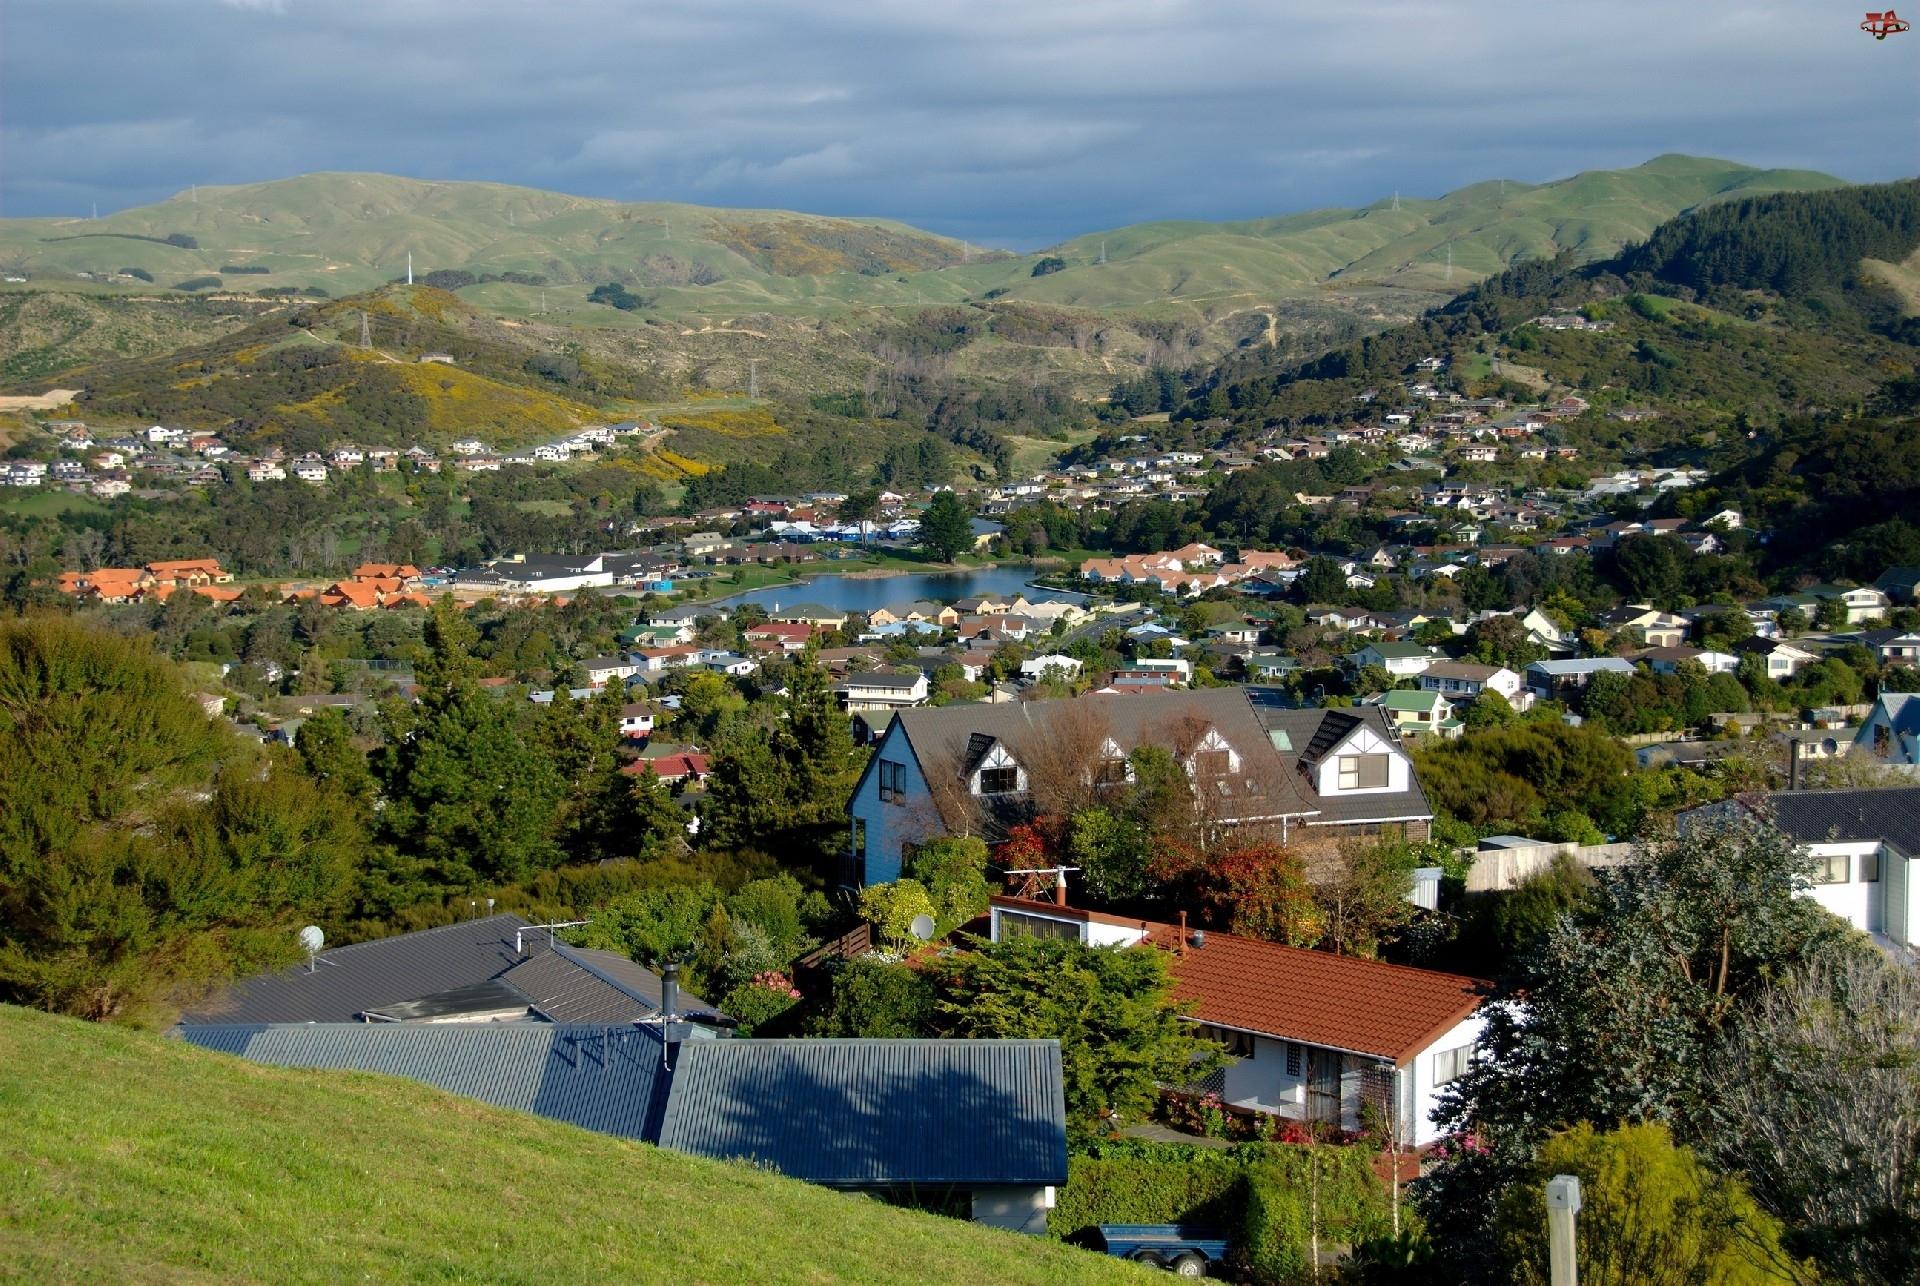 Panorama, Nowa Zelandia, Miasta, Whitby